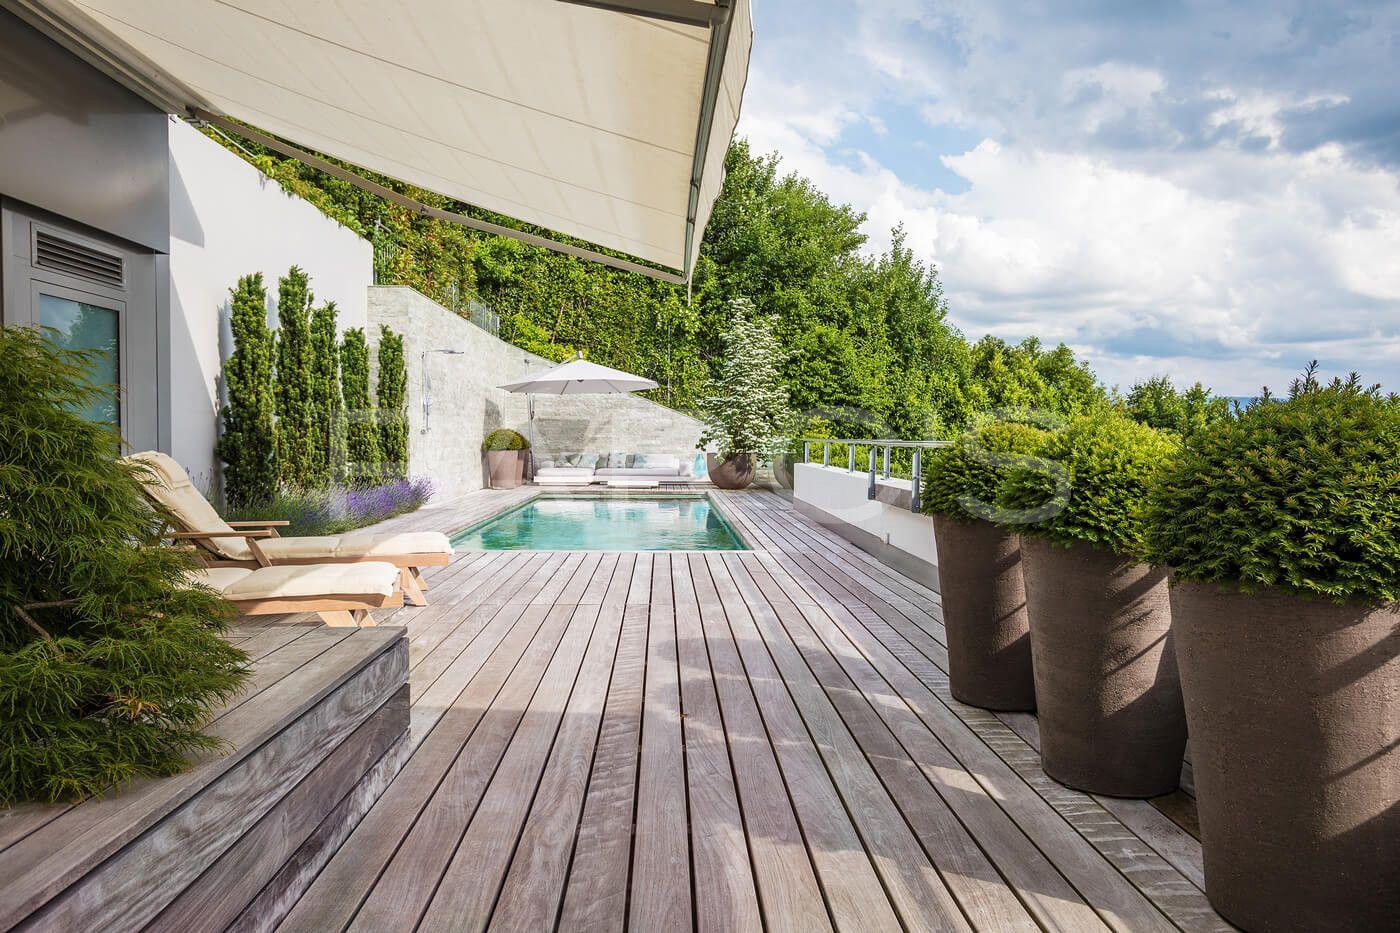 Terrassenumgestaltung Mit Pool Parc S Gartengestaltung Gartengestaltung Garten Terrasse Terrasse